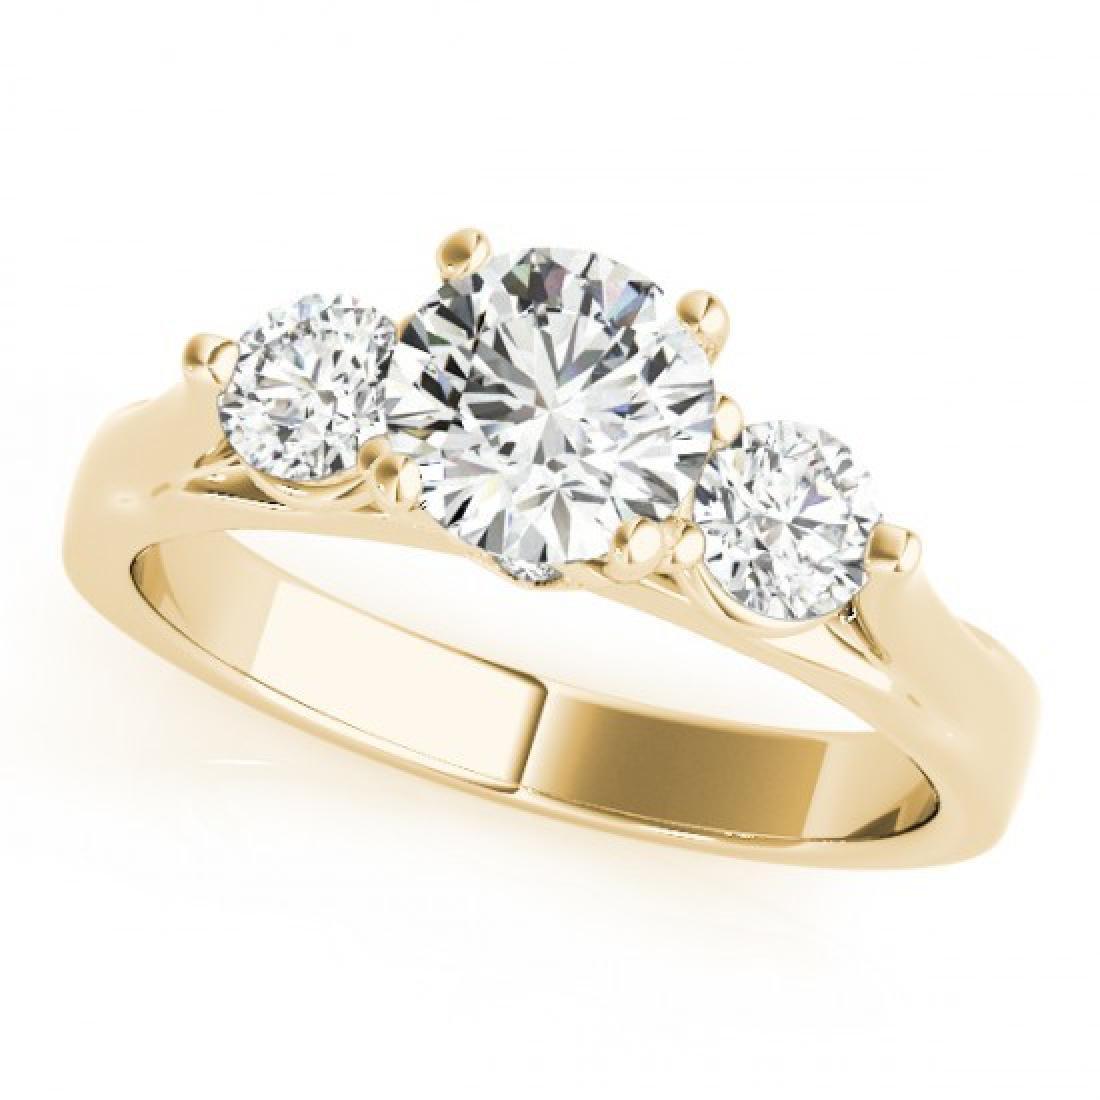 1.75 CTW Certified VS/SI Diamond 3 Stone Ring 14K